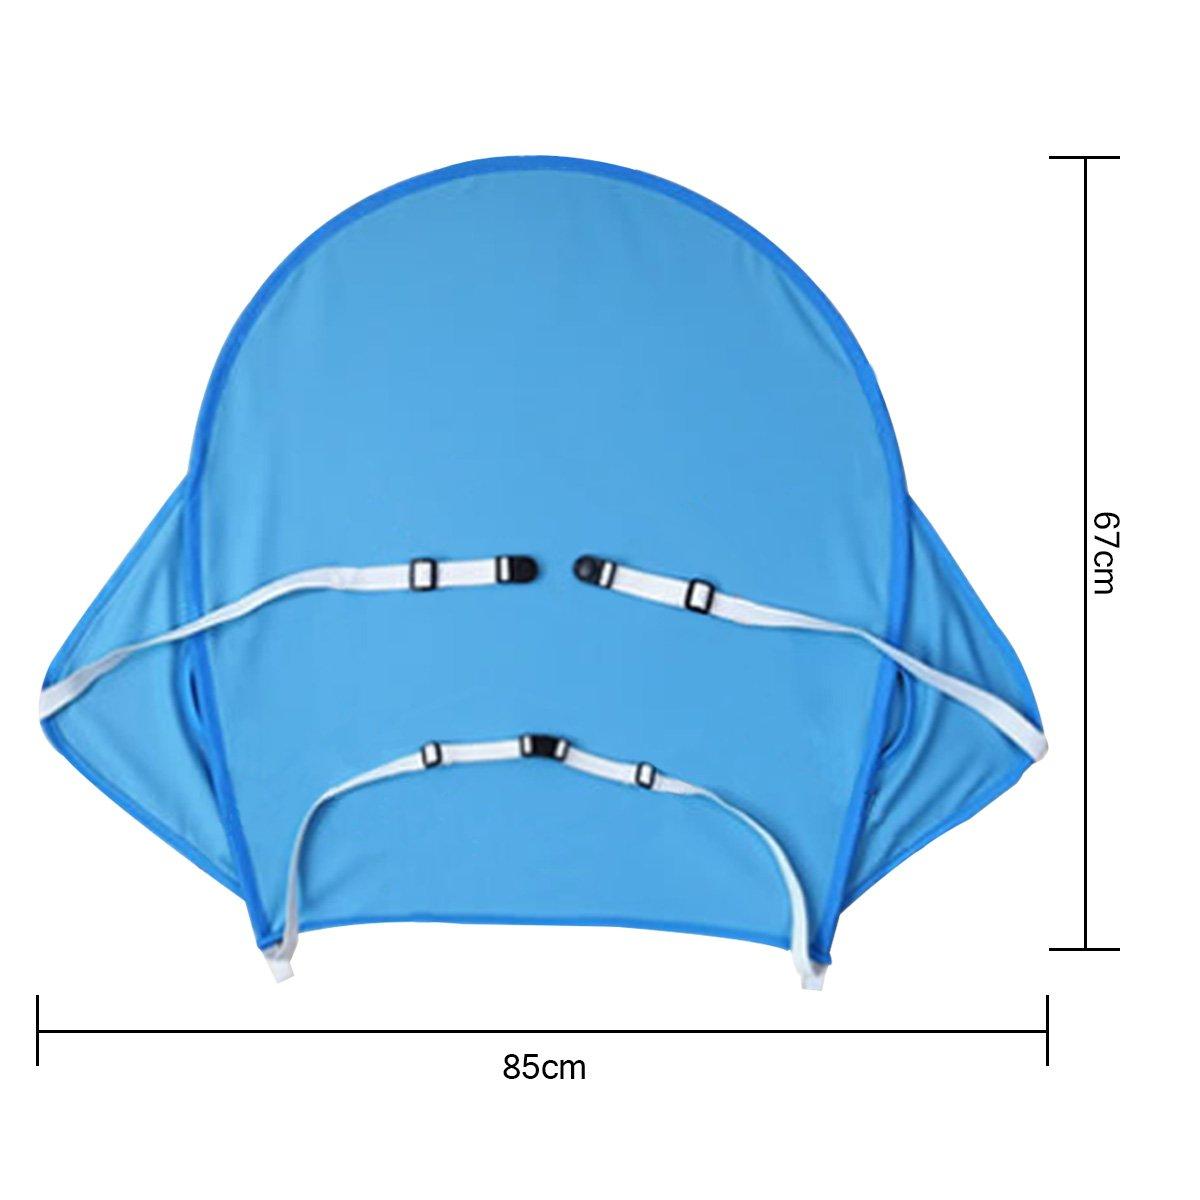 protector solar parasol negro parasol para cochecito de beb/é AUVSTAR Funda para cochecito de beb/é toldo para cochecito de beb/é tiene una excelente protecci/ón UV.(azul)